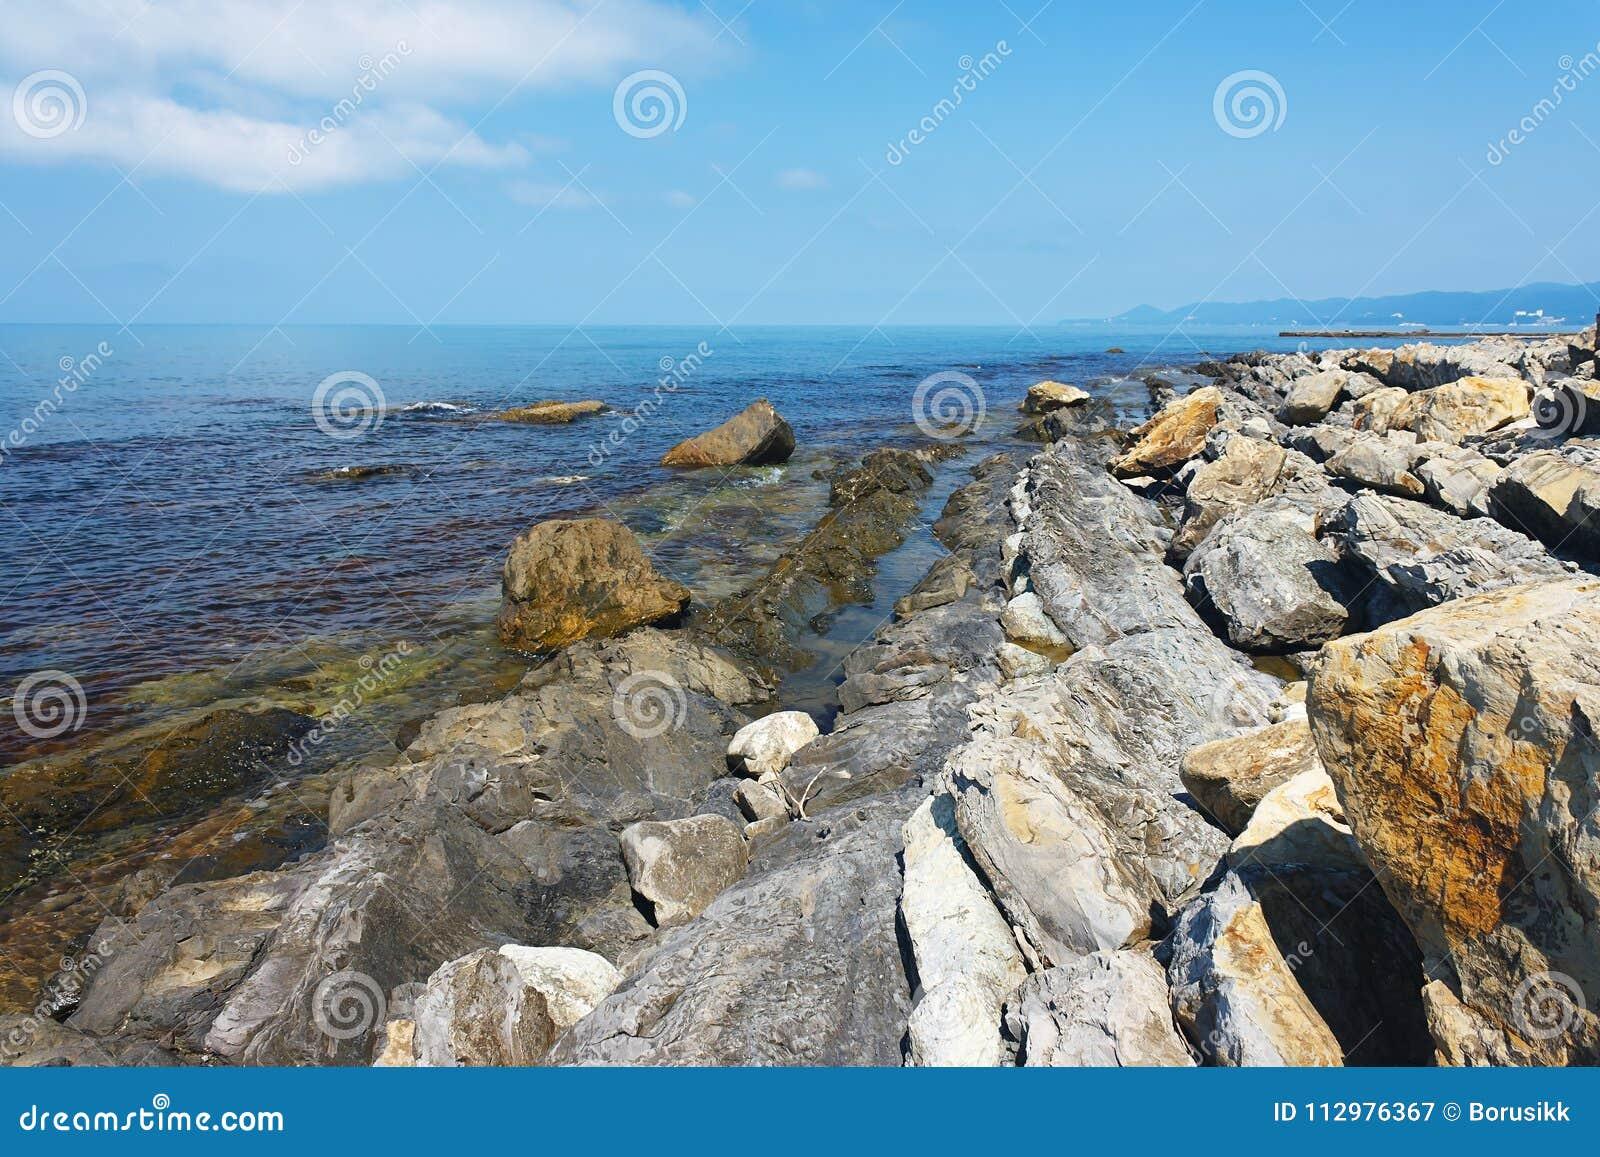 Beautiful rocky coast of the sea under blue sky